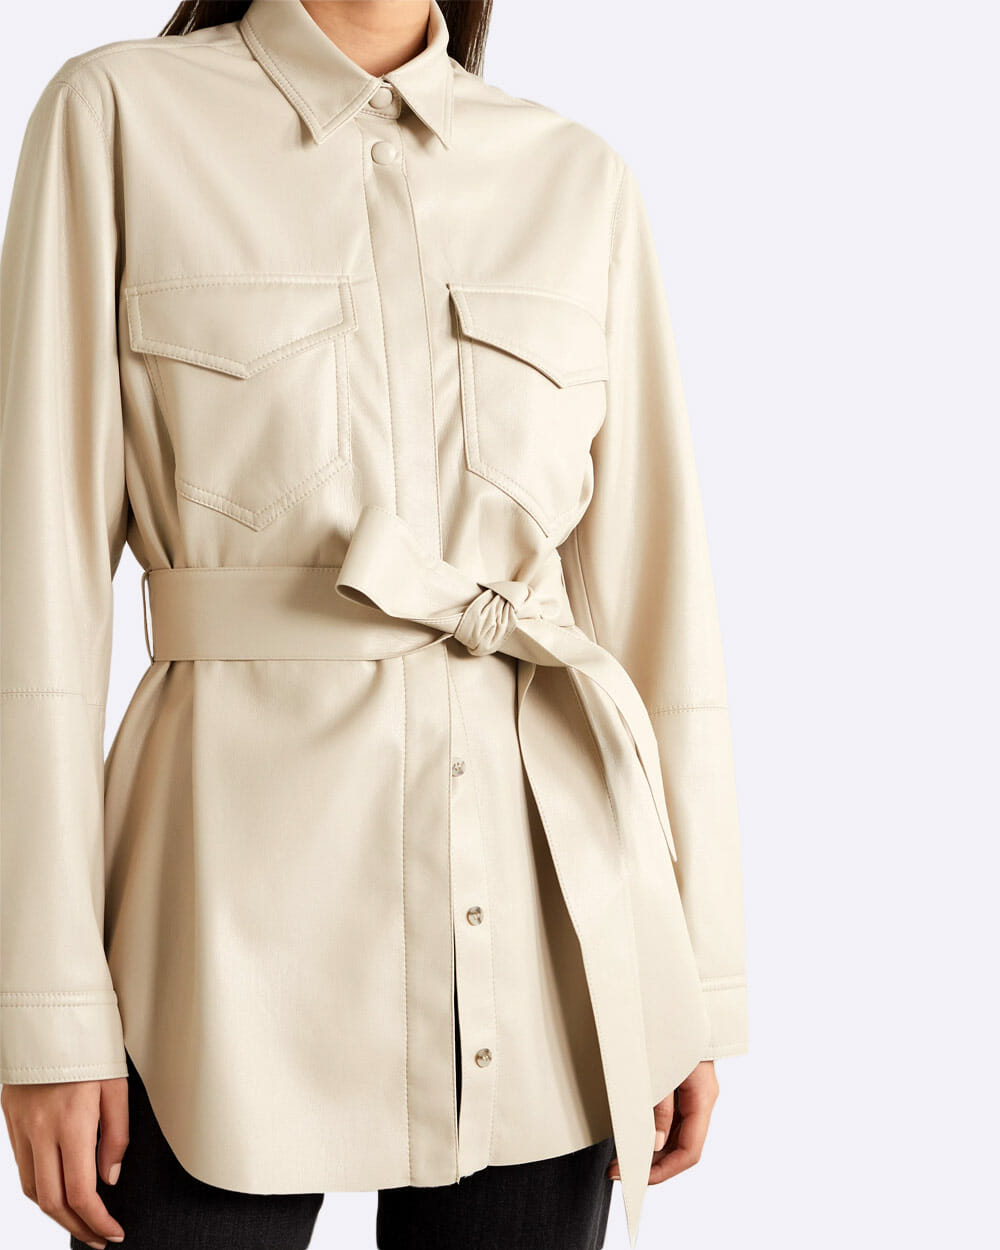 Nanushka vegan leather belted shirt jacket